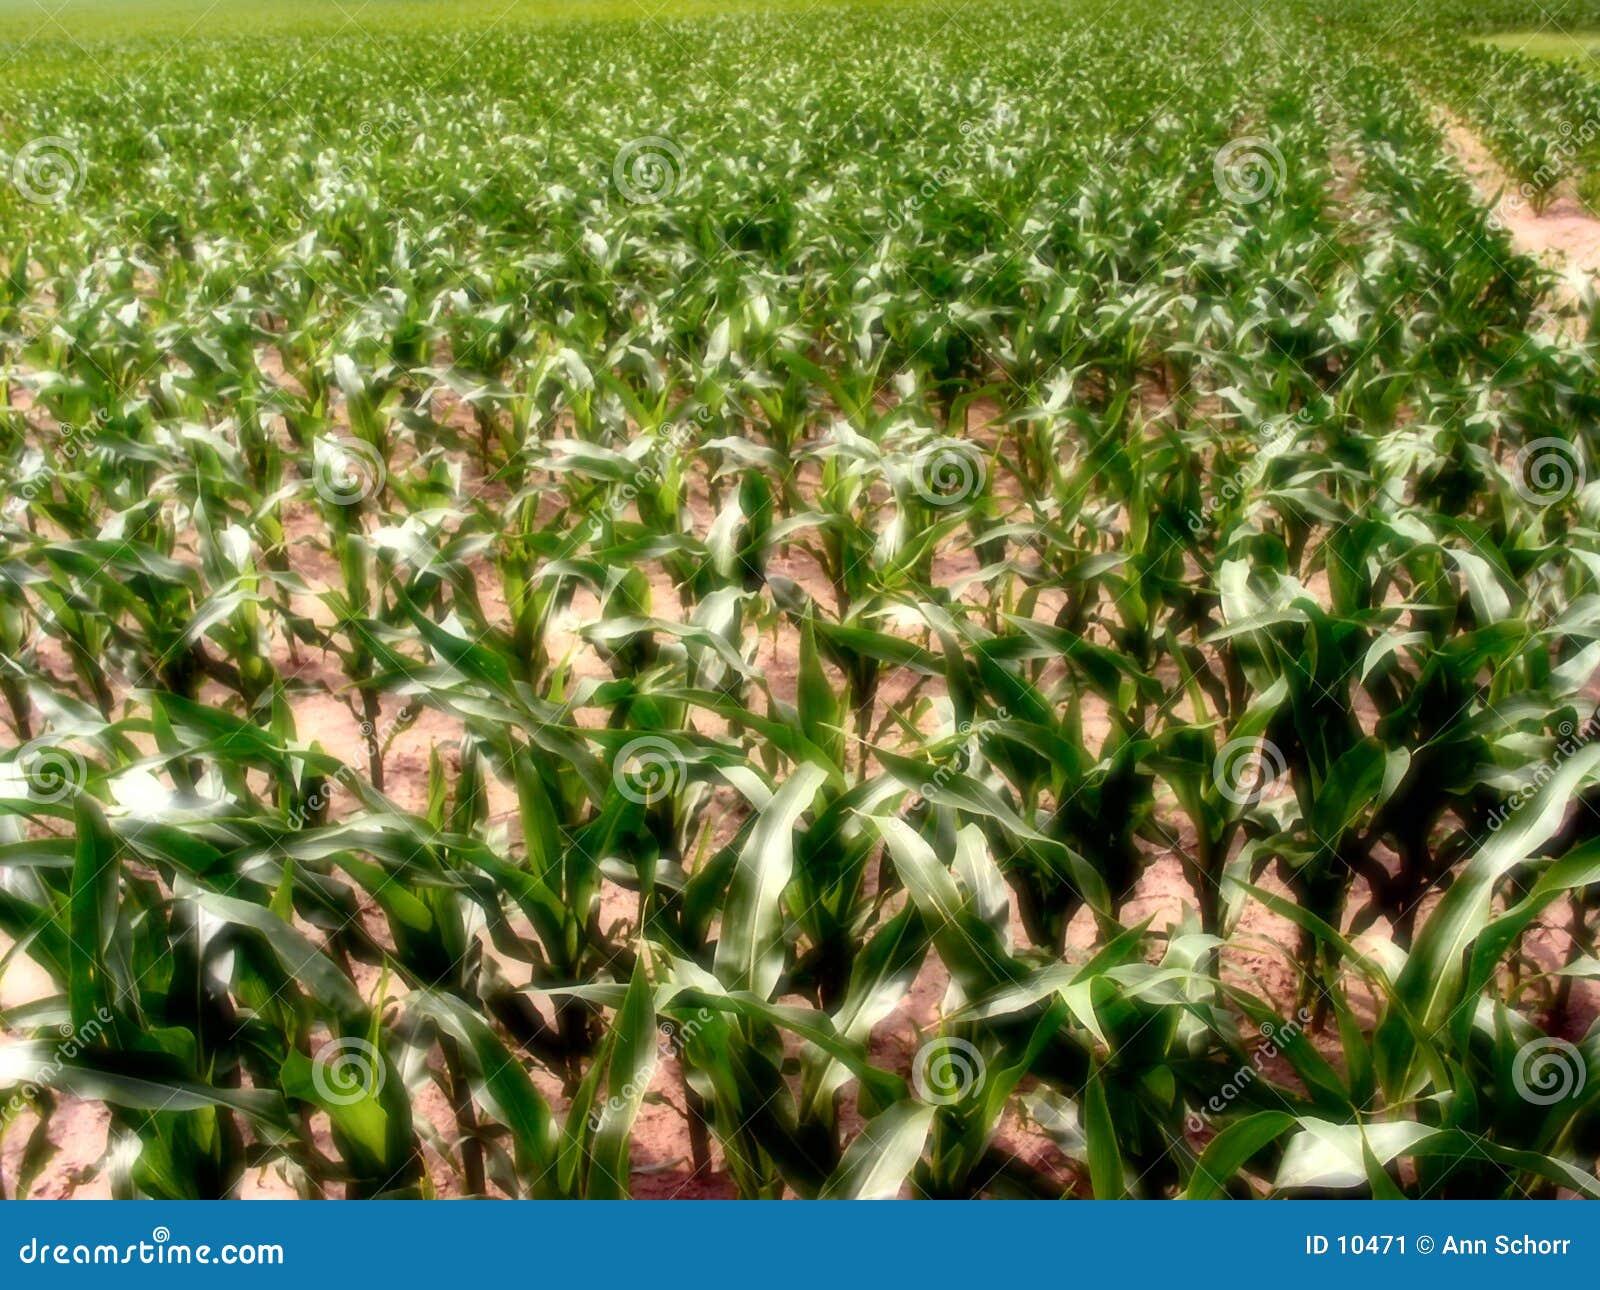 Illinois Corn – 1